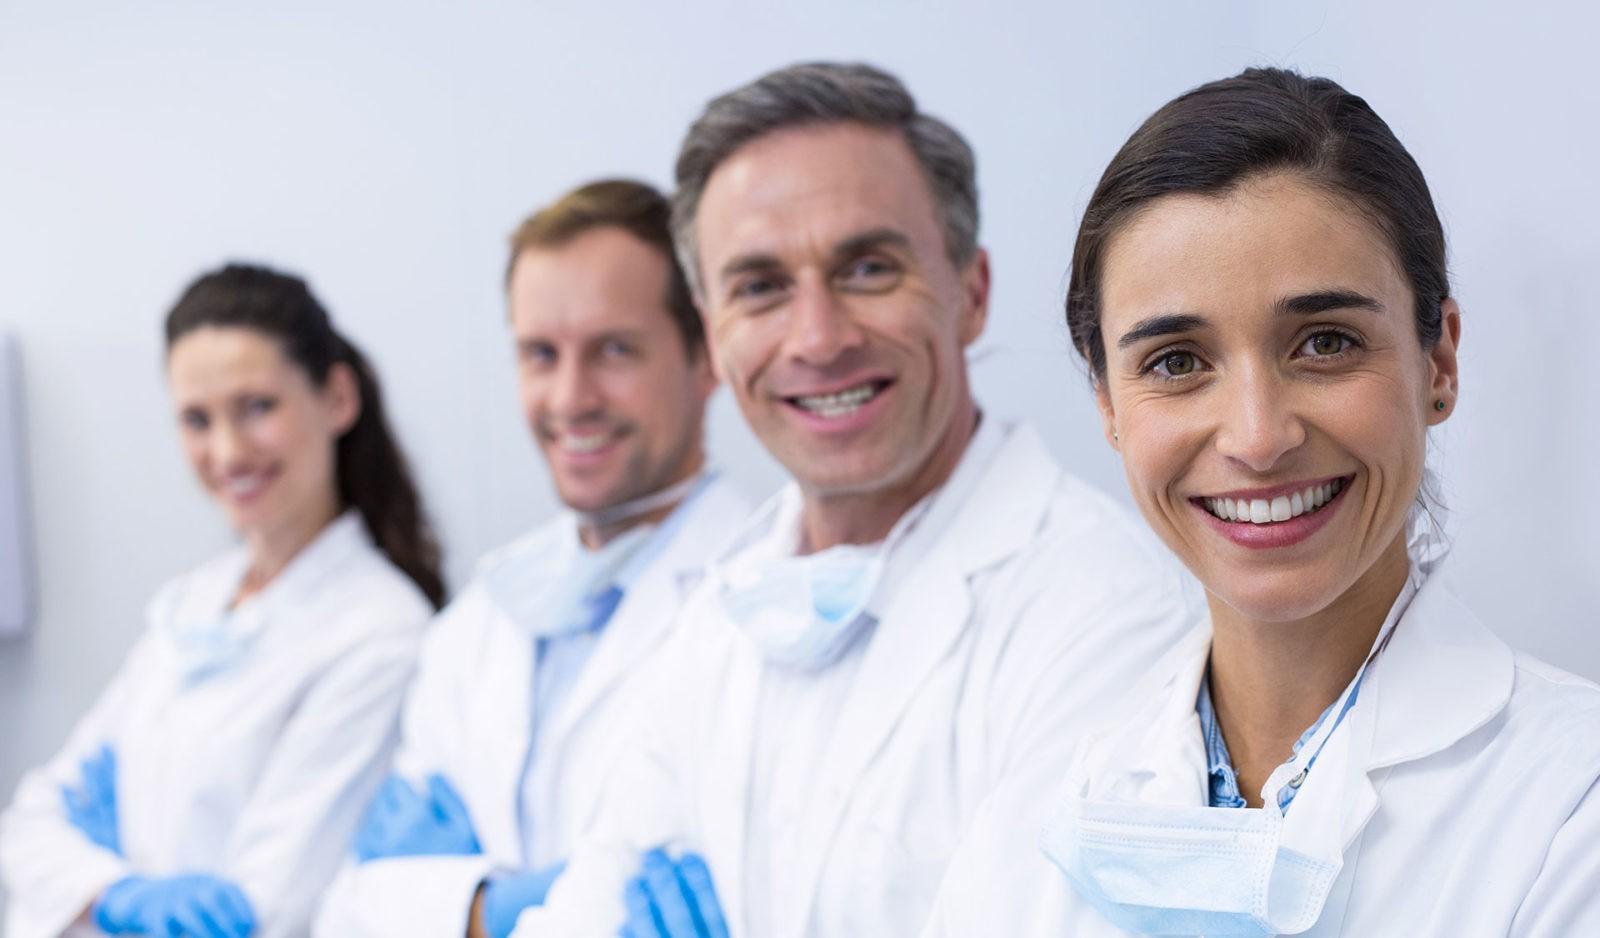 стоматологические профессии